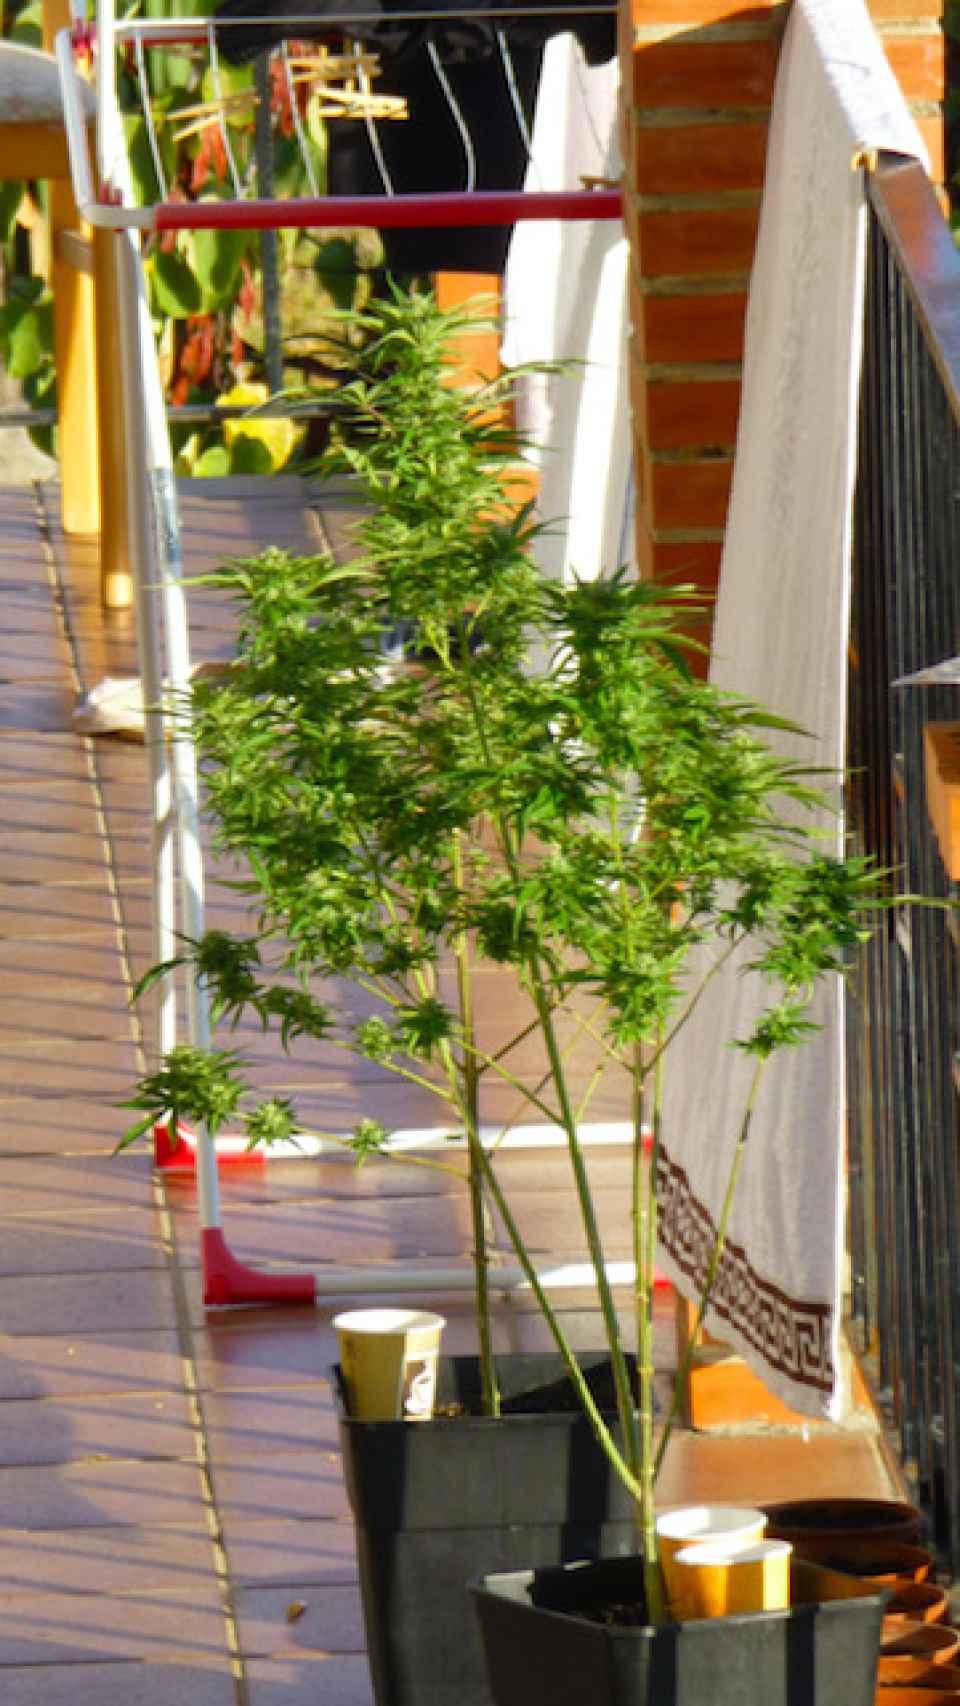 Los okupas incluso han cultivado una planta de marihuana en la terraza de la casa.